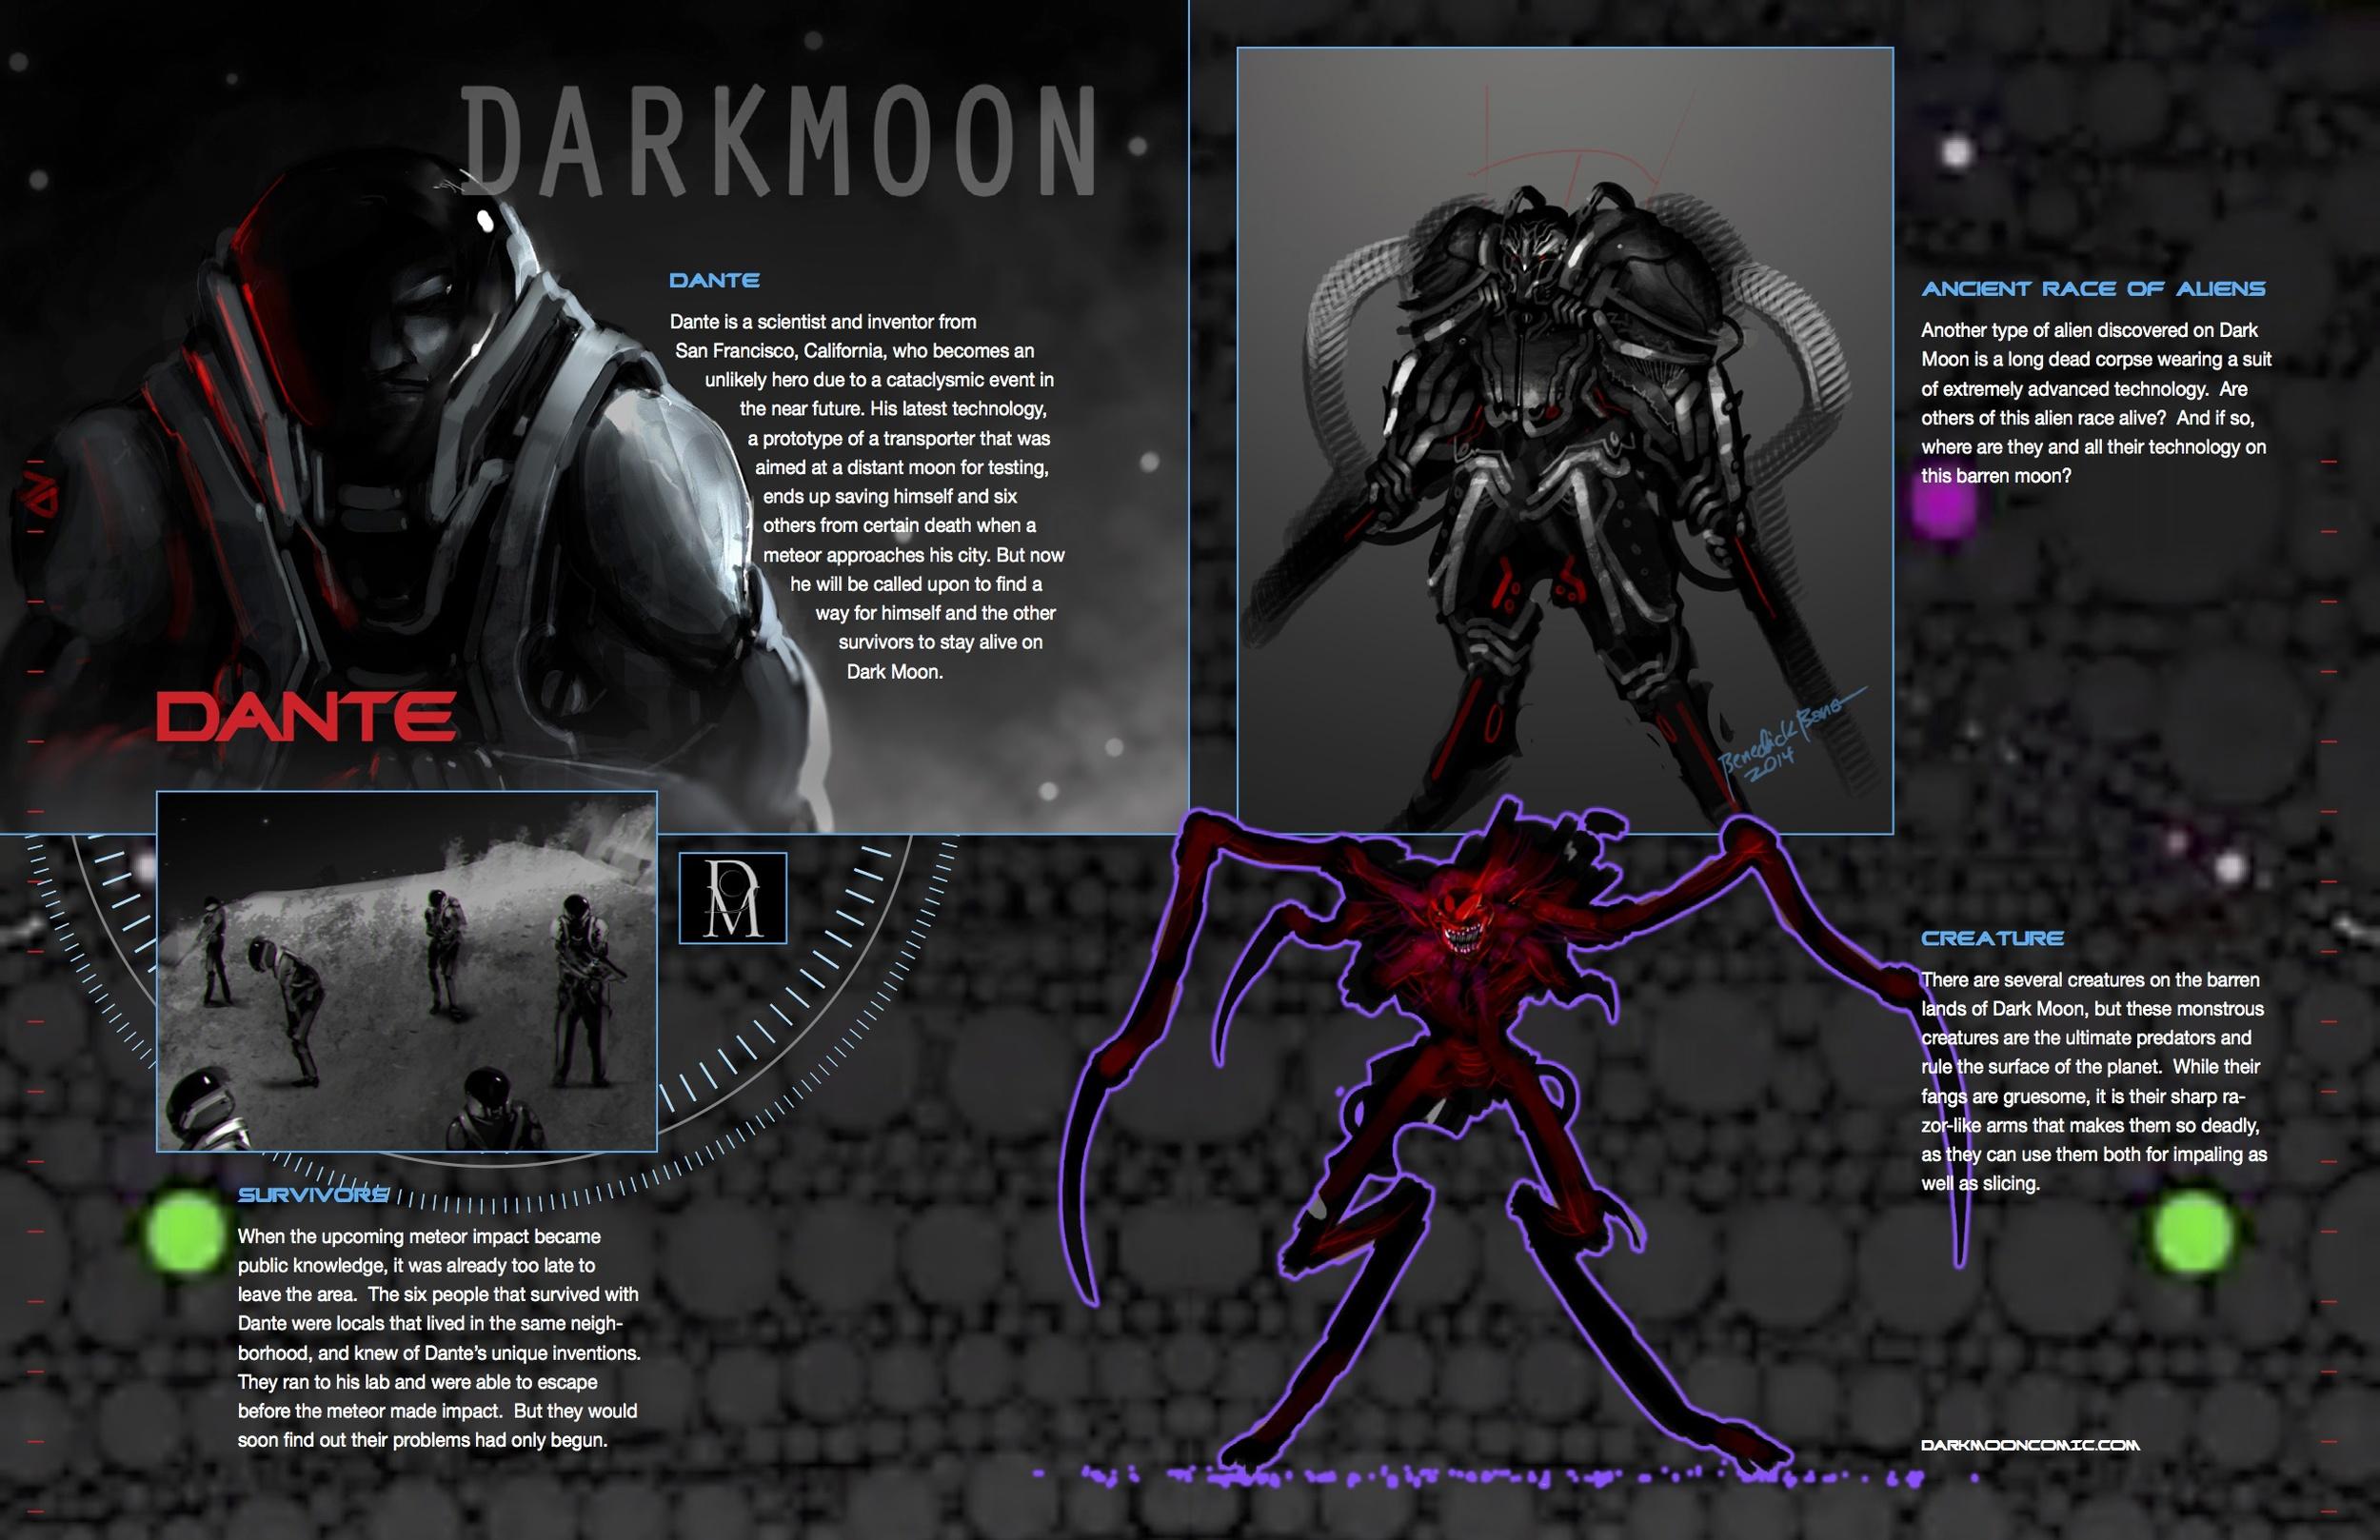 DarkMoon-spread 1.jpg